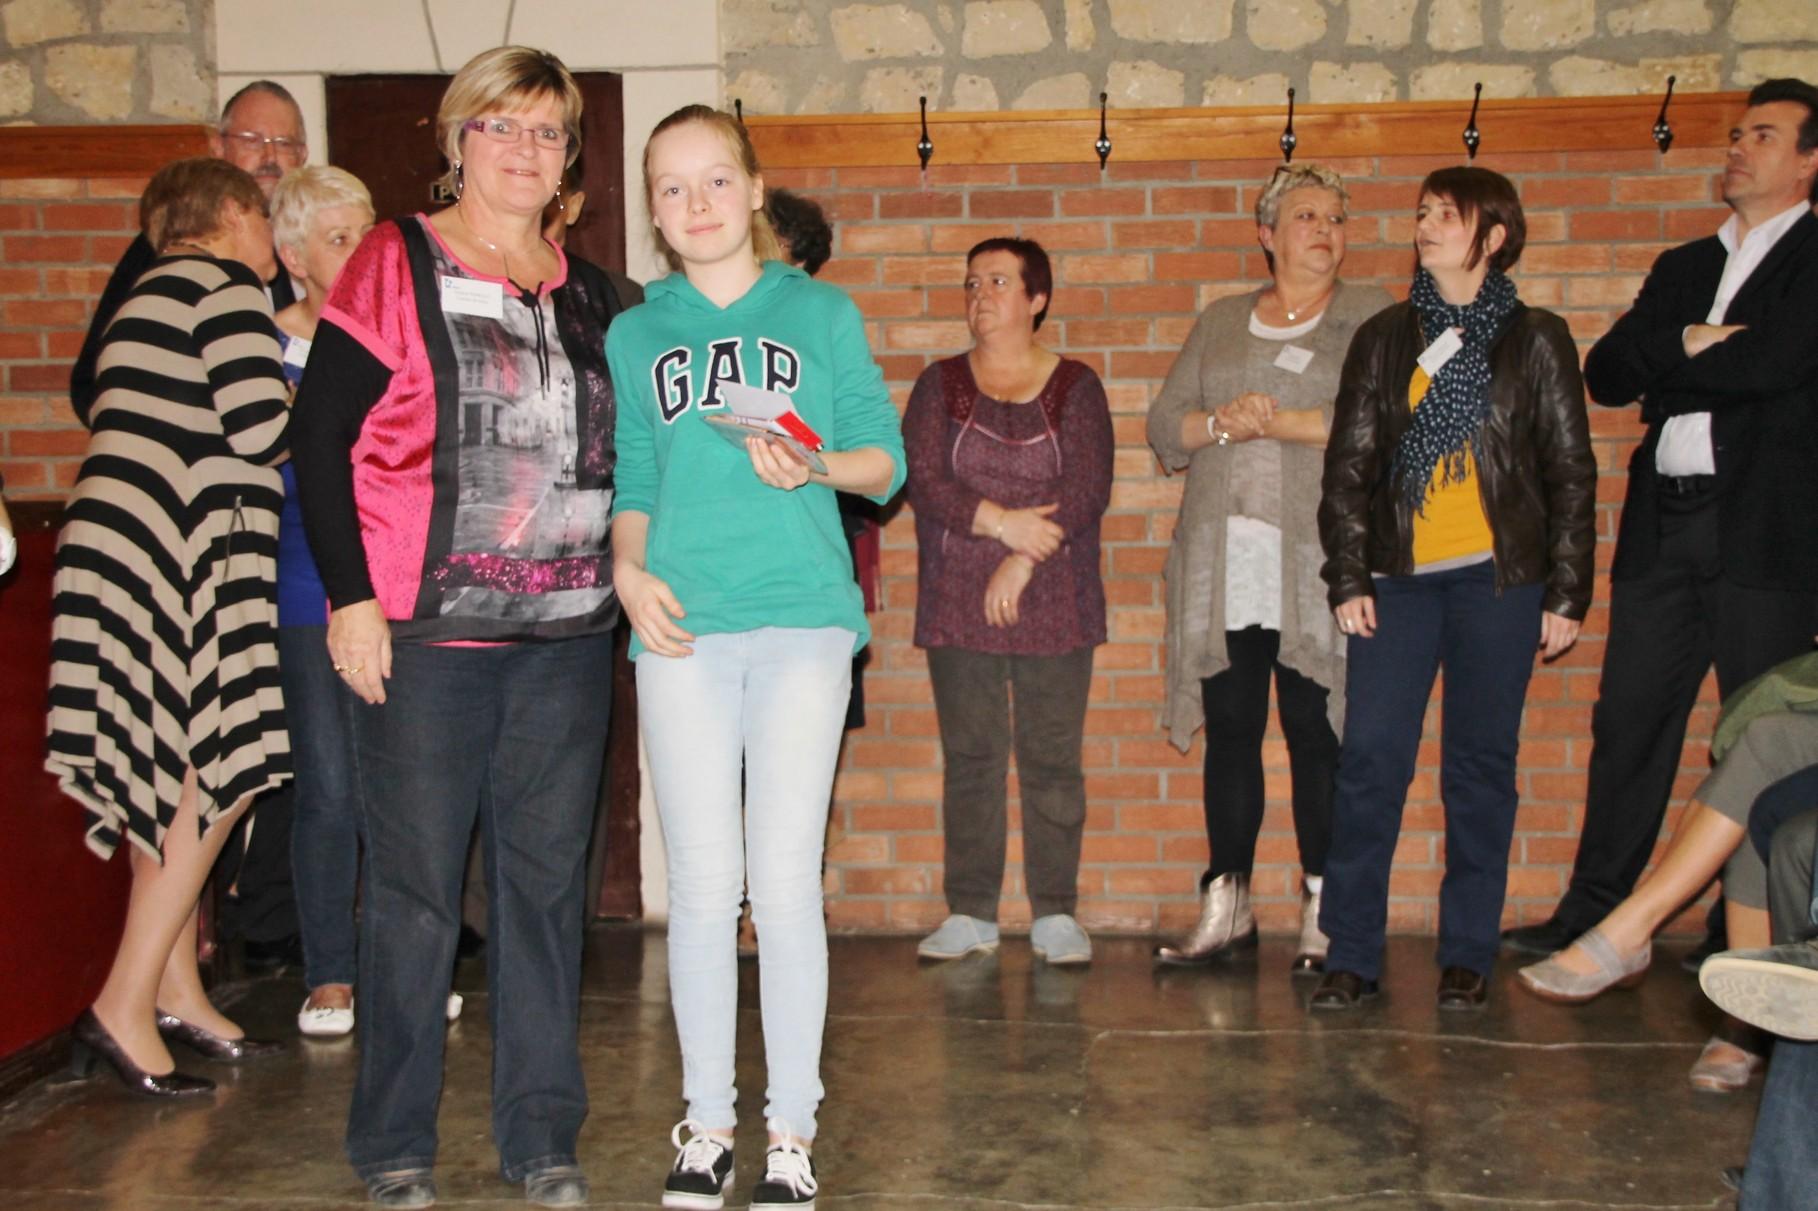 11ème prix remis par Ginette Poncelet - Membre de la LIR Arlon